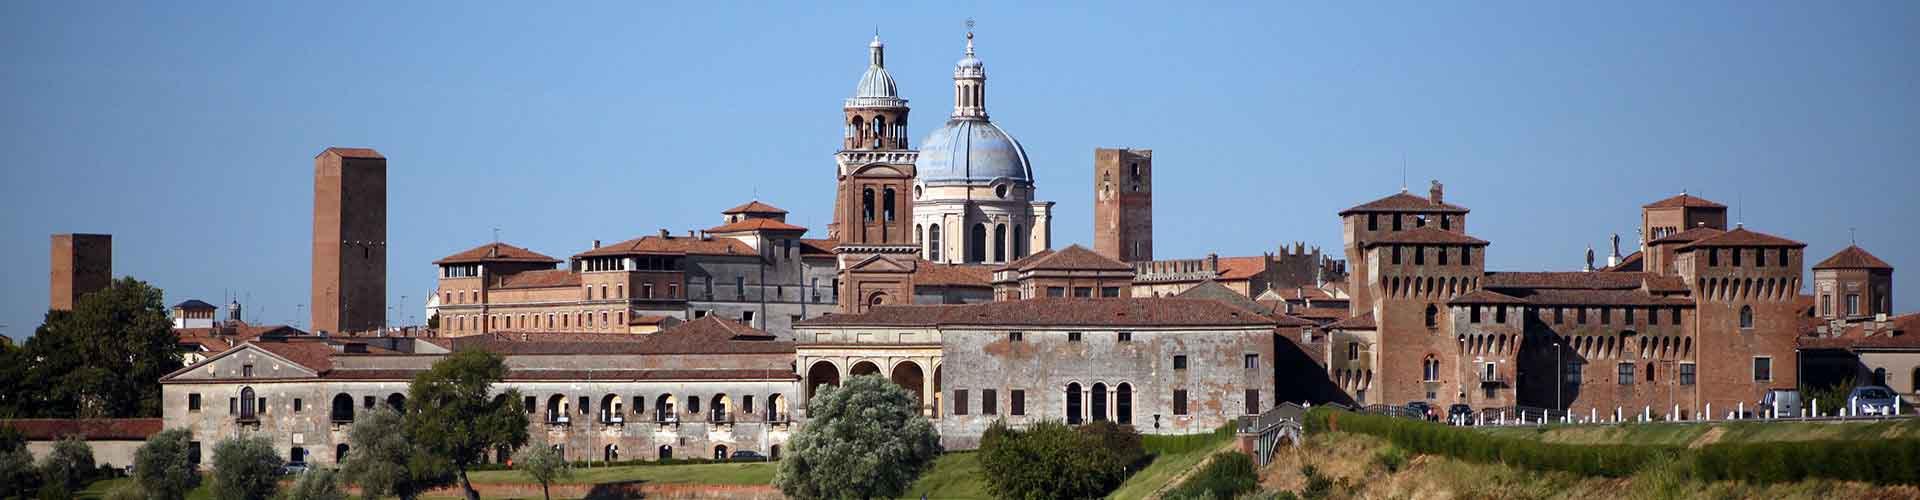 Mantova - Hoteles baratos en Mantova. Mapas de Mantova, Fotos y comentarios de cada Hotel en Mantova.